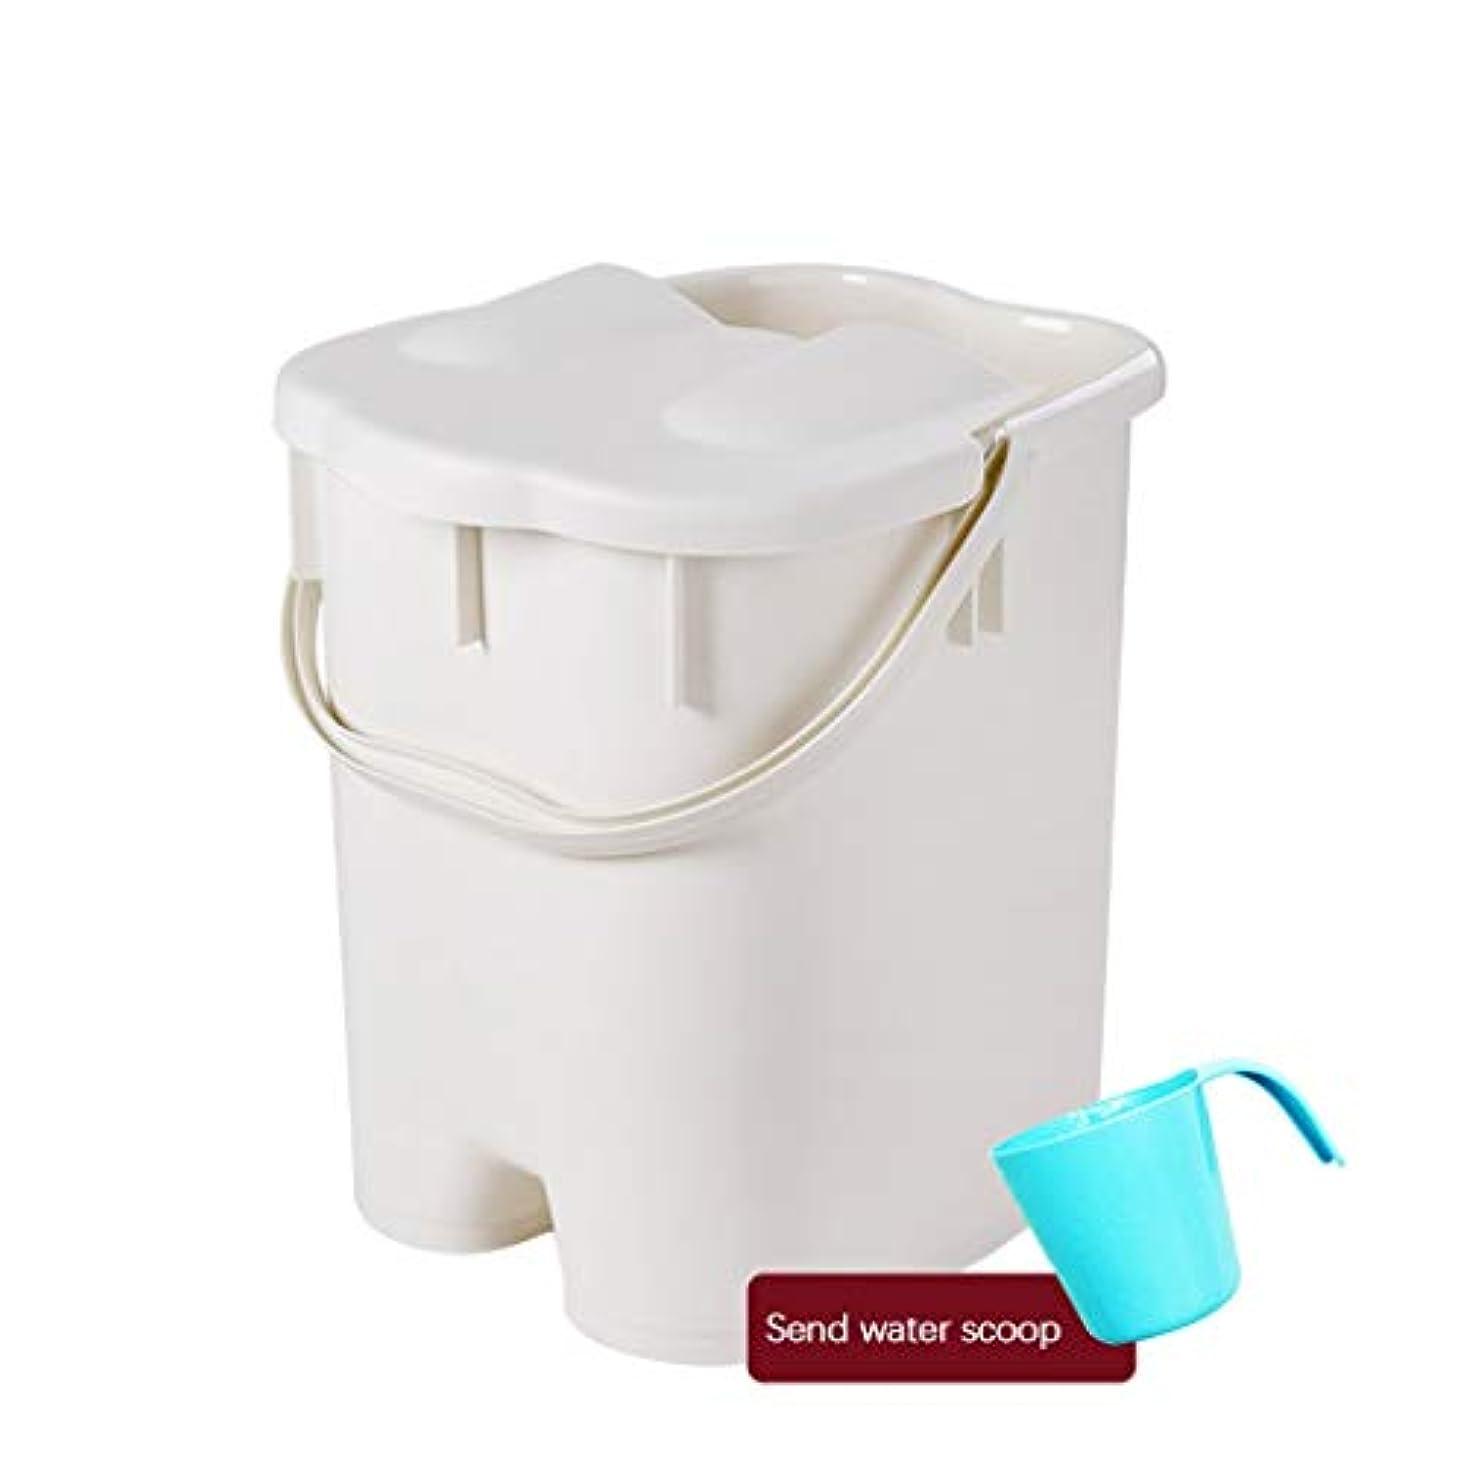 補助レタッチ可塑性フットバスバレル- ?AMTポータブルマッサージ浴槽プラスチック足湯バケツ付き蓋保温足風呂盆地大人スパボウル世帯 Relax foot (色 : 白, サイズ さいず : 27*30.5*38.5cm)